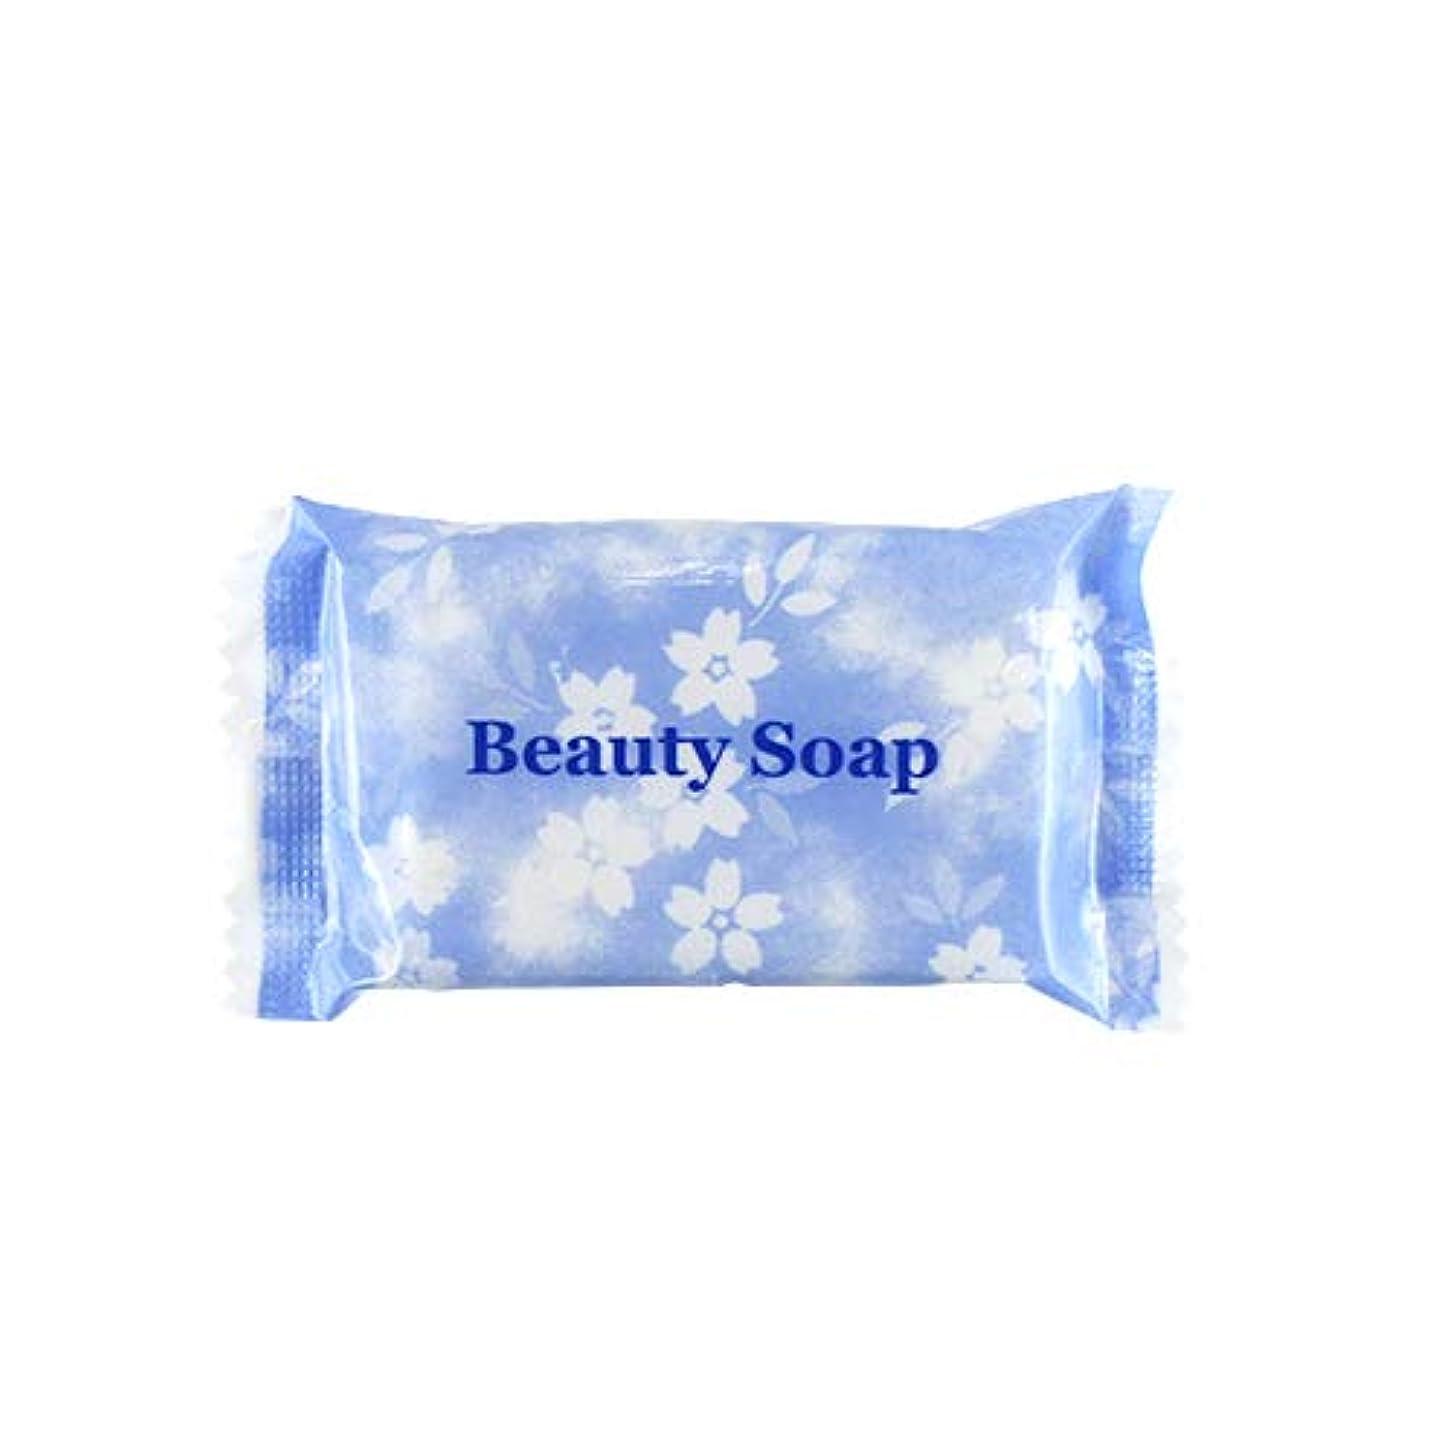 クリーナー趣味絶望業務用 クロバーコーポレーション ビューティーソープ(Beauty Soap) 15g×100個セット | ホテルアメニティ 個包装